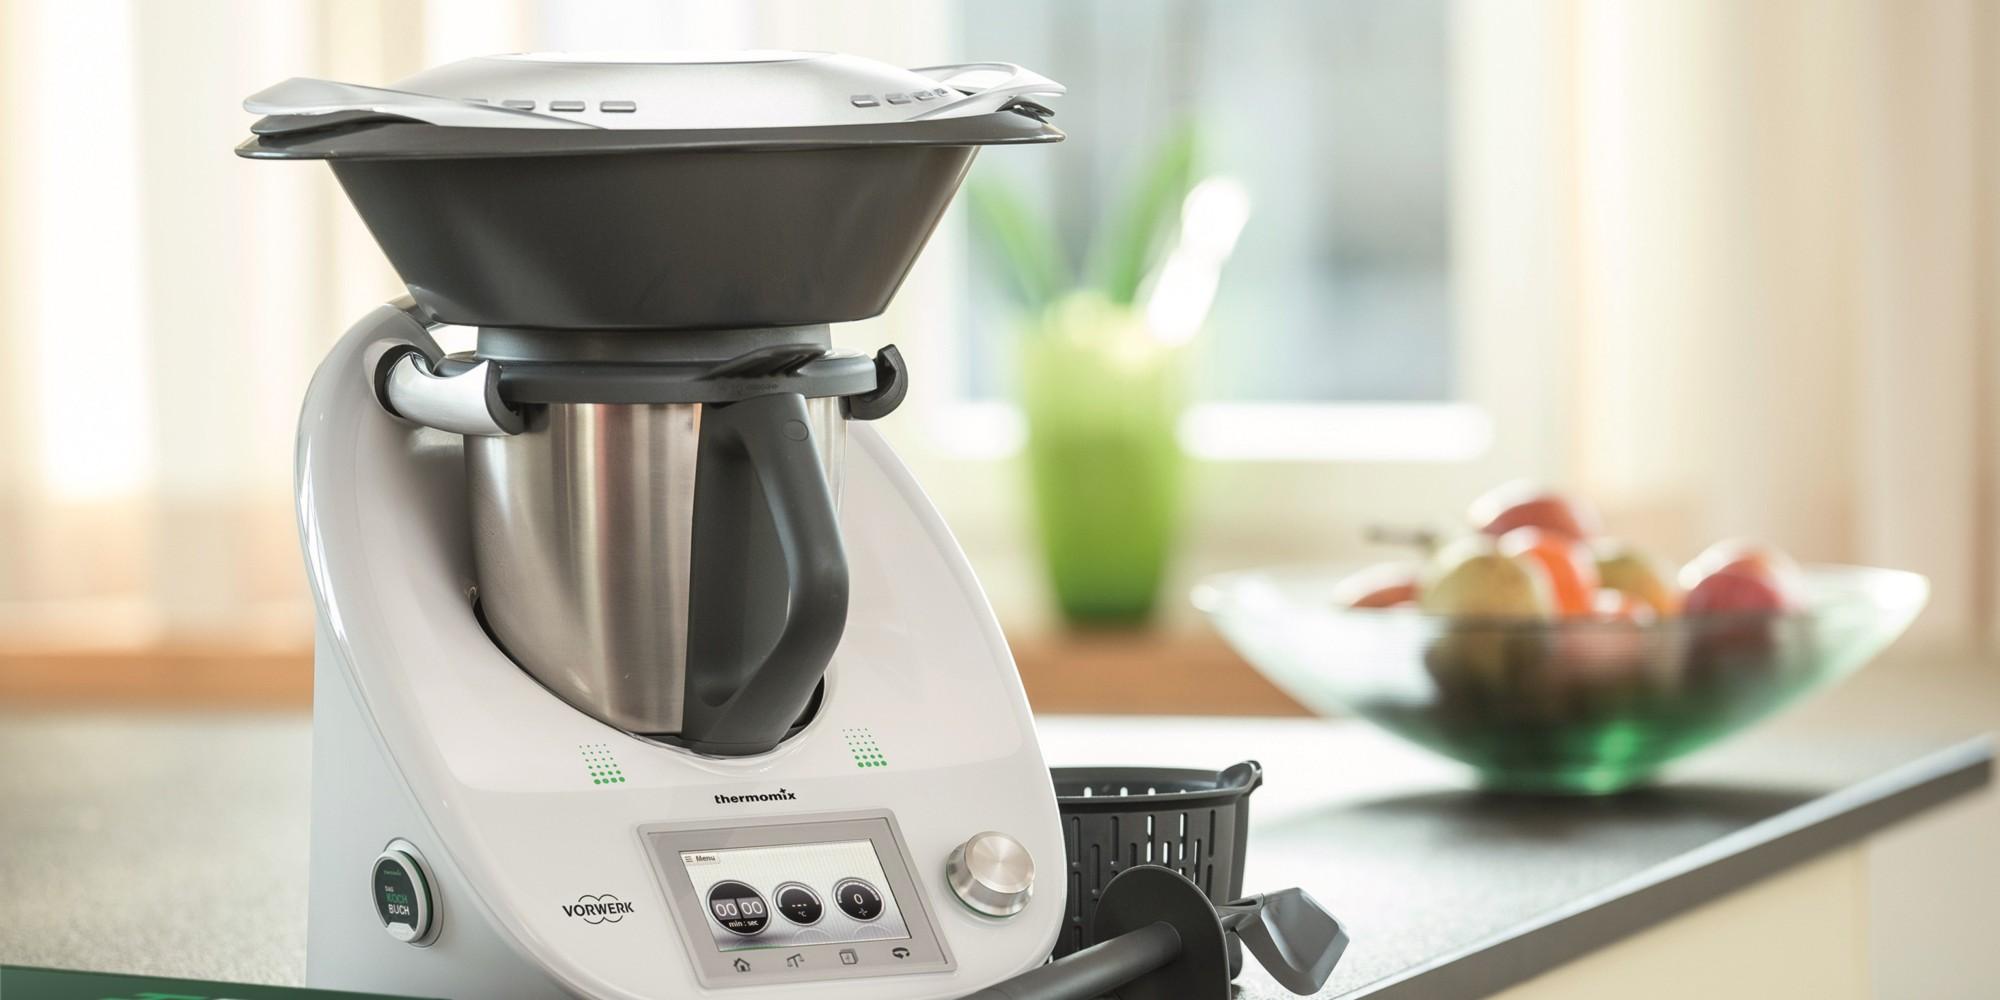 Thermo mix - Sonstige Küchengeräte - einebinsenweisheit